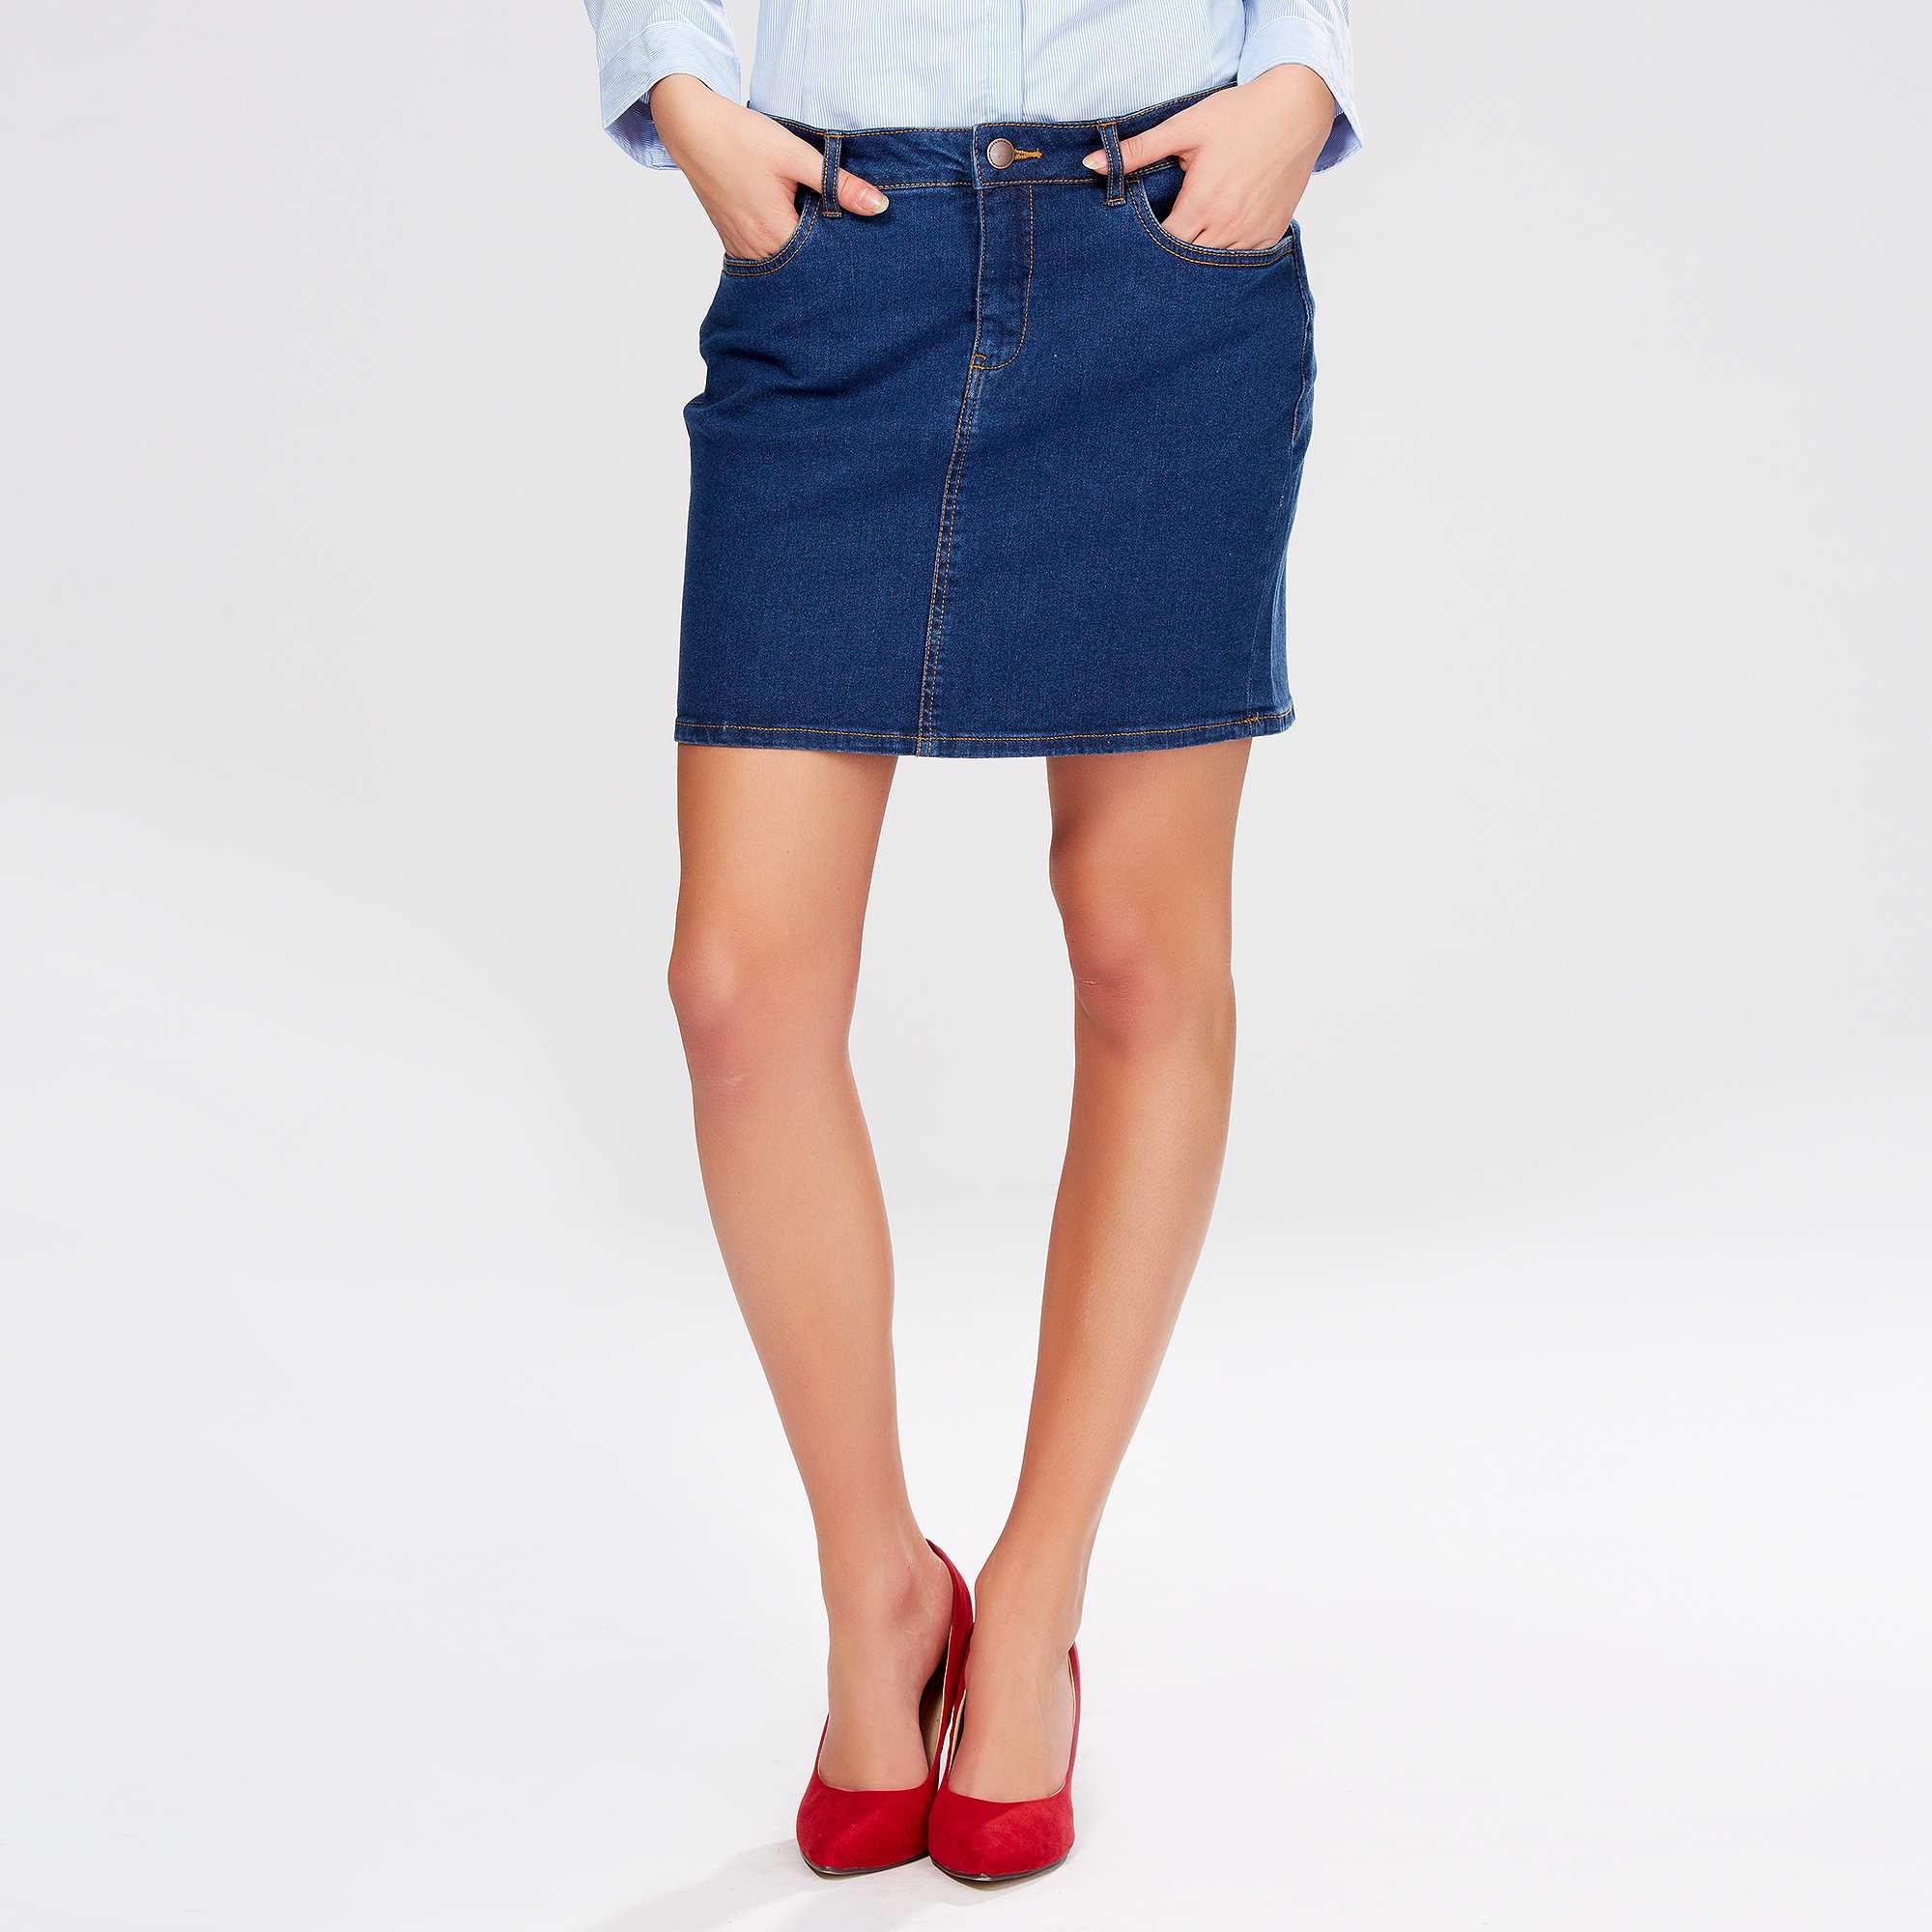 jupe courte en jean femme kiabi 13 00